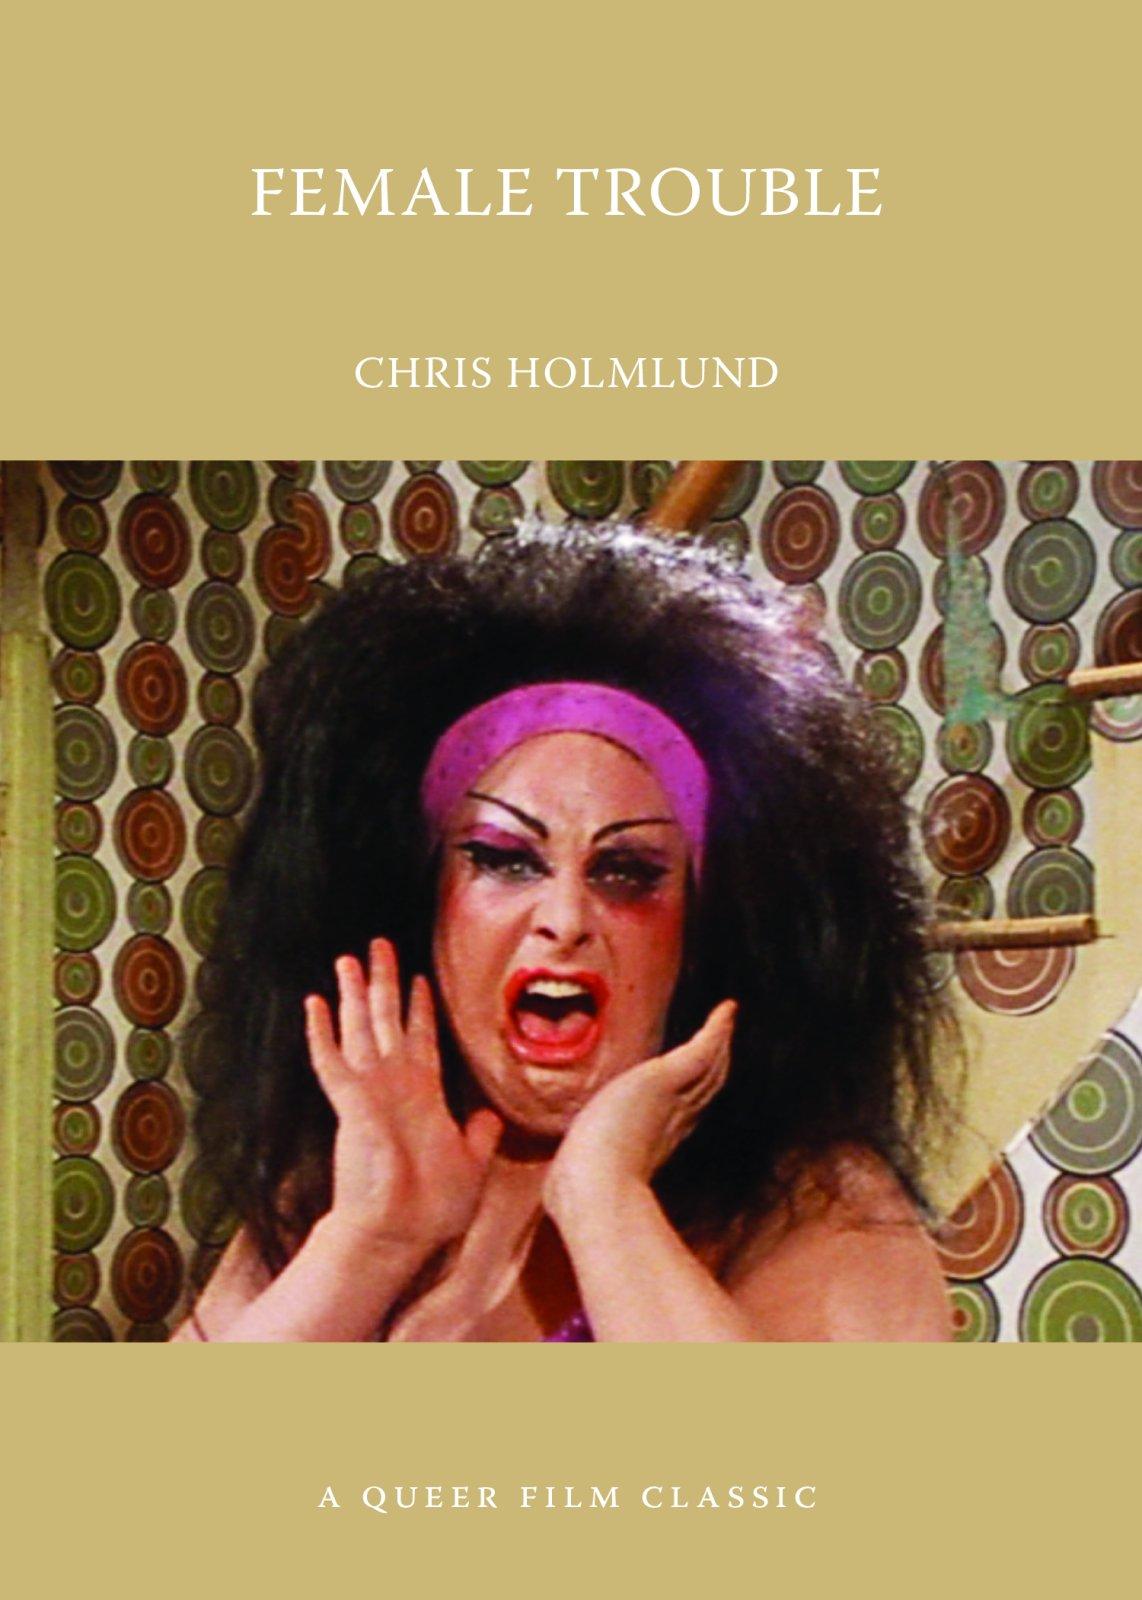 Dr. Chris Holmlund